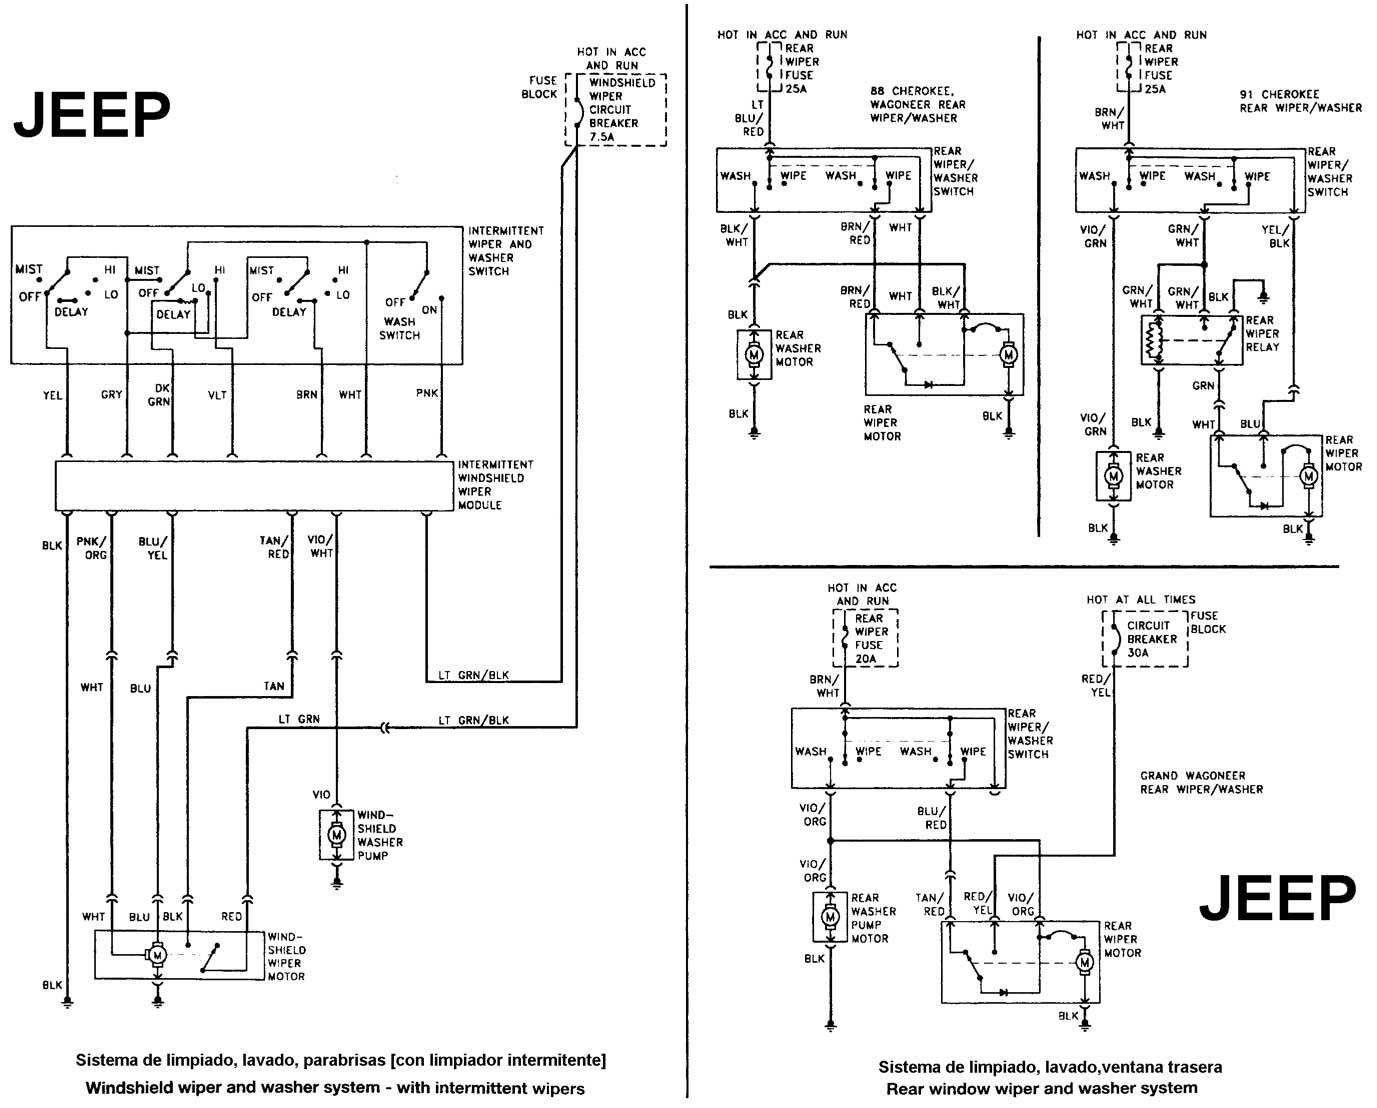 1986 jeep diagrama de cableado